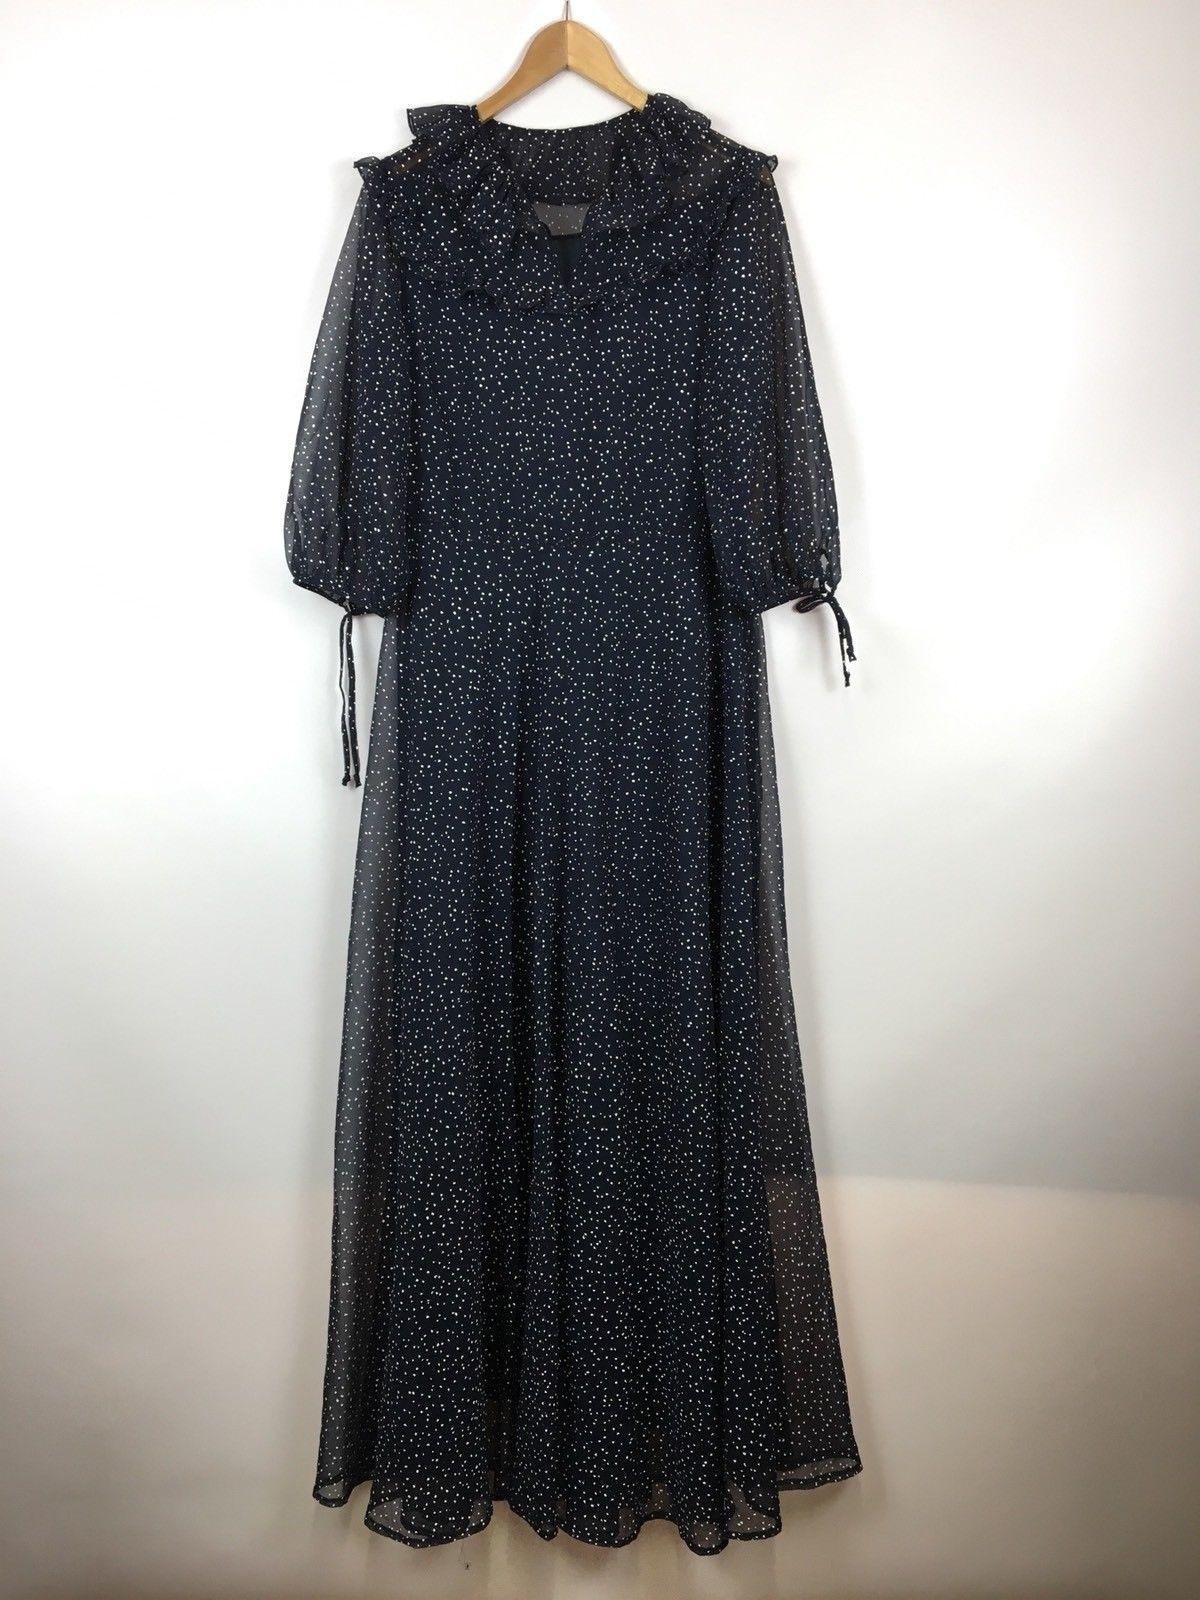 13 Genial Kleid Blau Punkte Bester Preis20 Elegant Kleid Blau Punkte Galerie